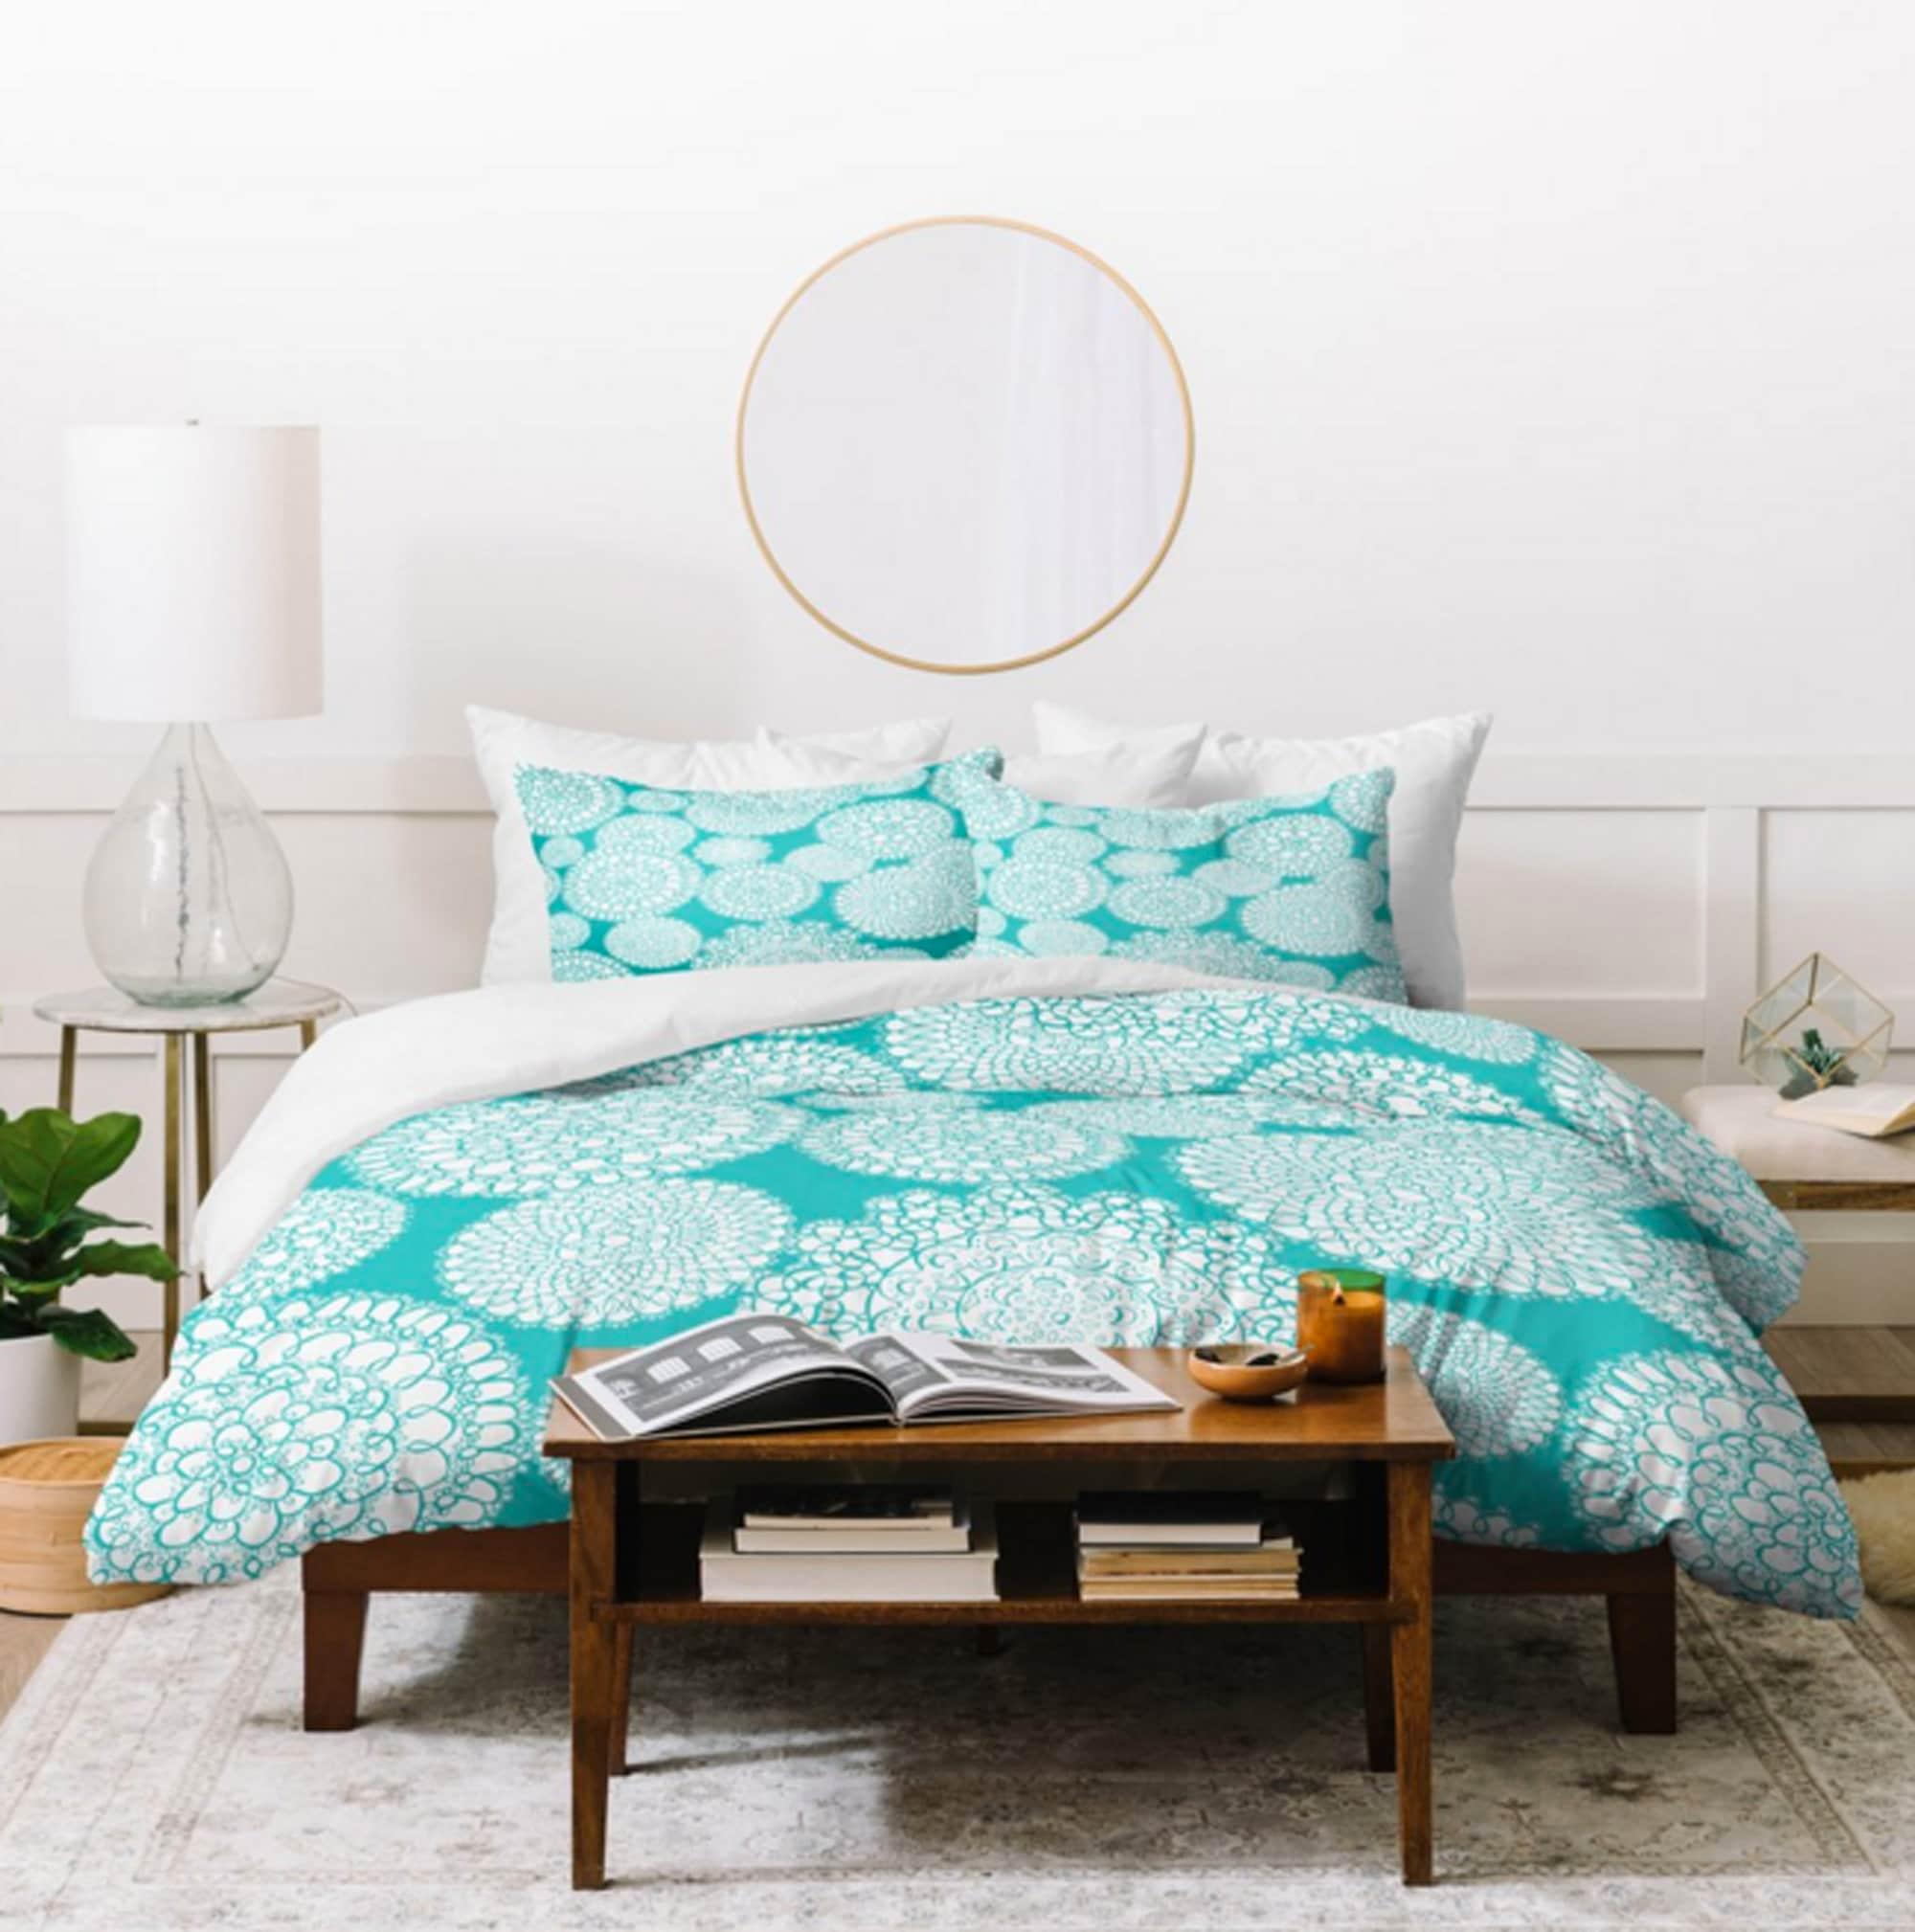 Boho Duvet Cover // Home Decor // Bedding // Twin Queen